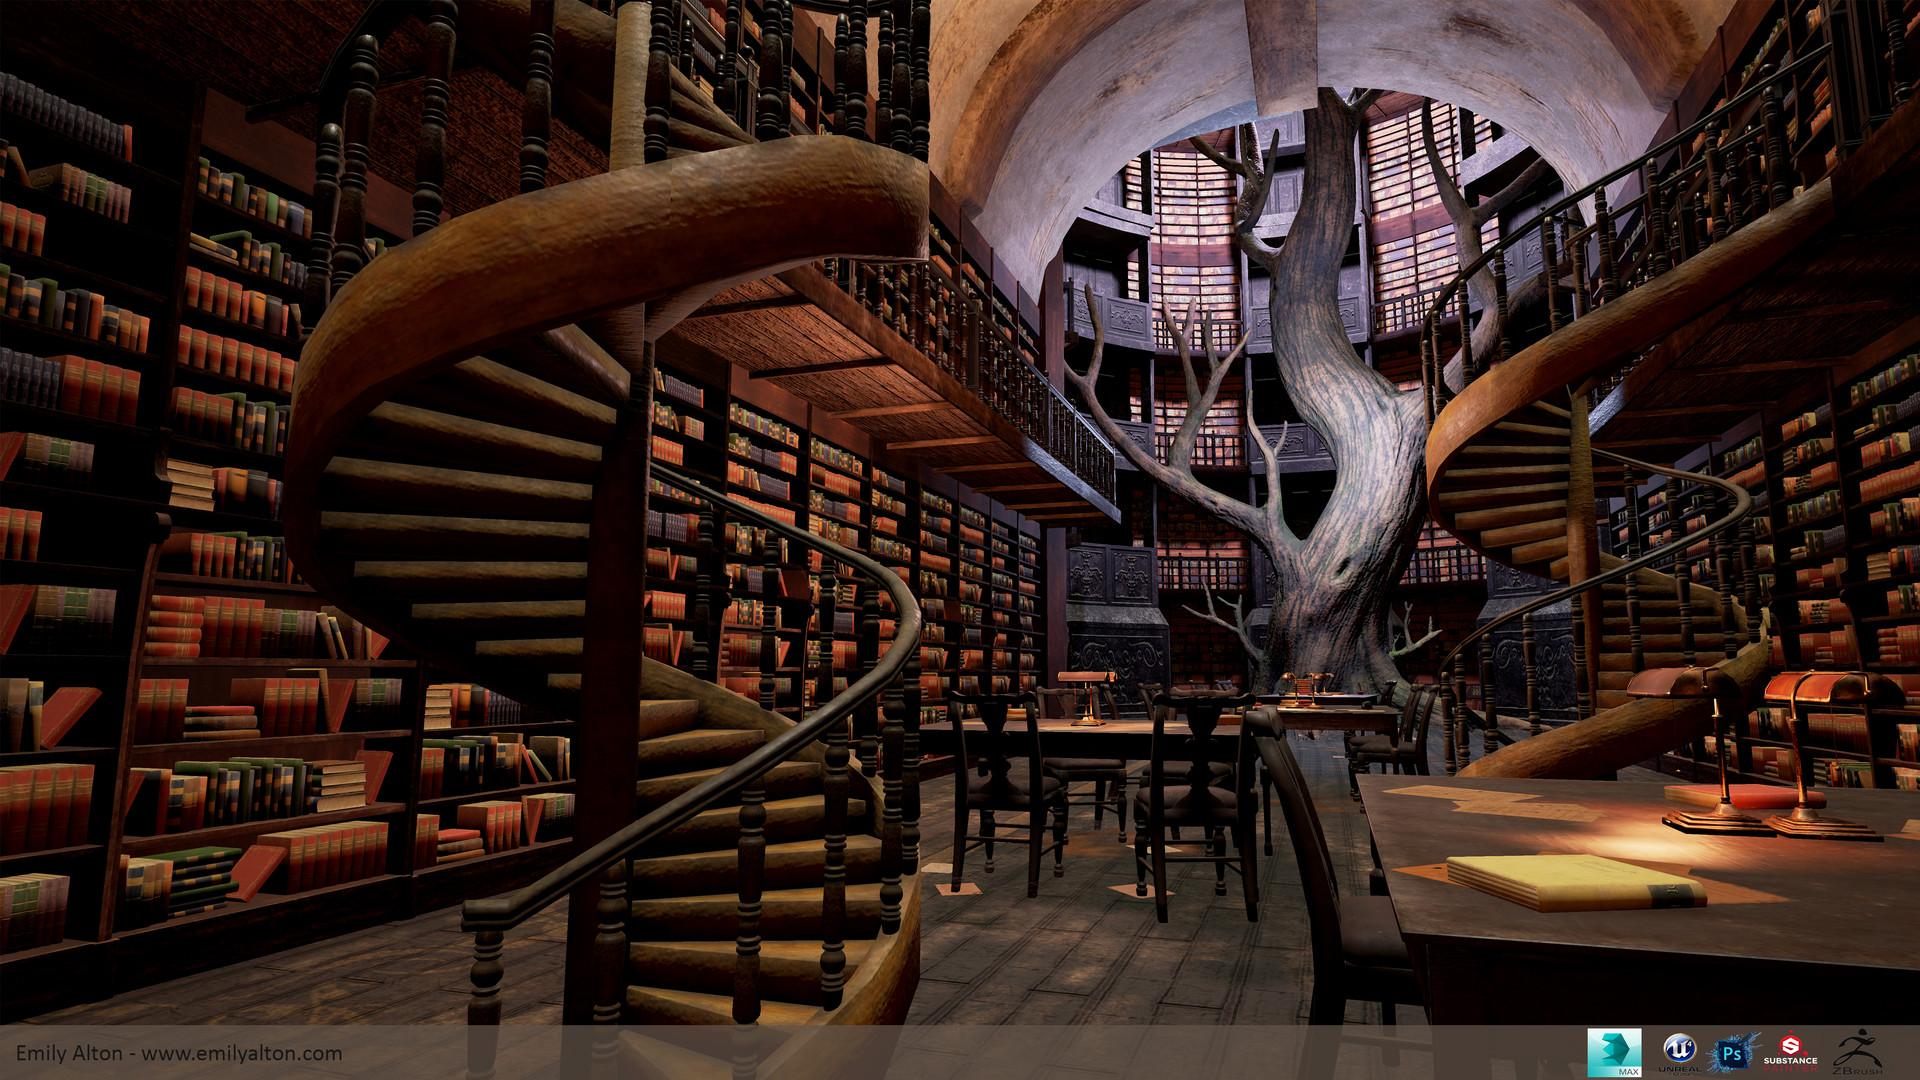 Emily Alton - Fantasy Library